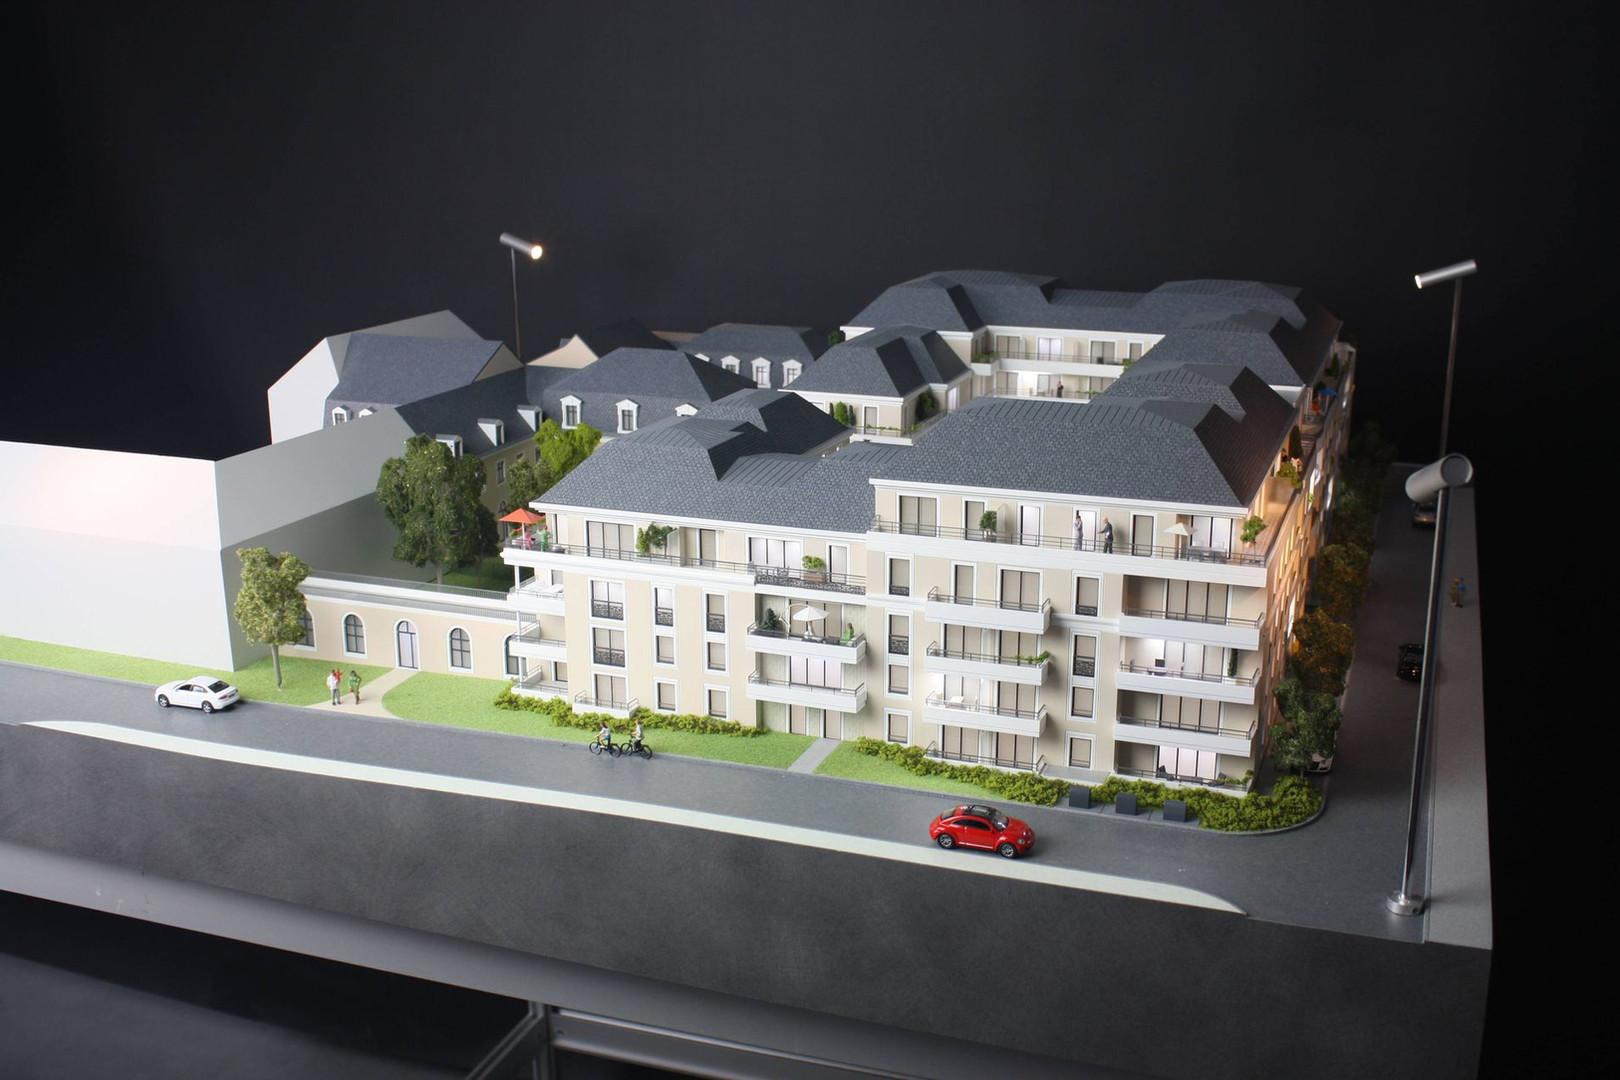 Maquette du site de l'Etoile au Mans - Promotion immobilière - Atelier Pyramid